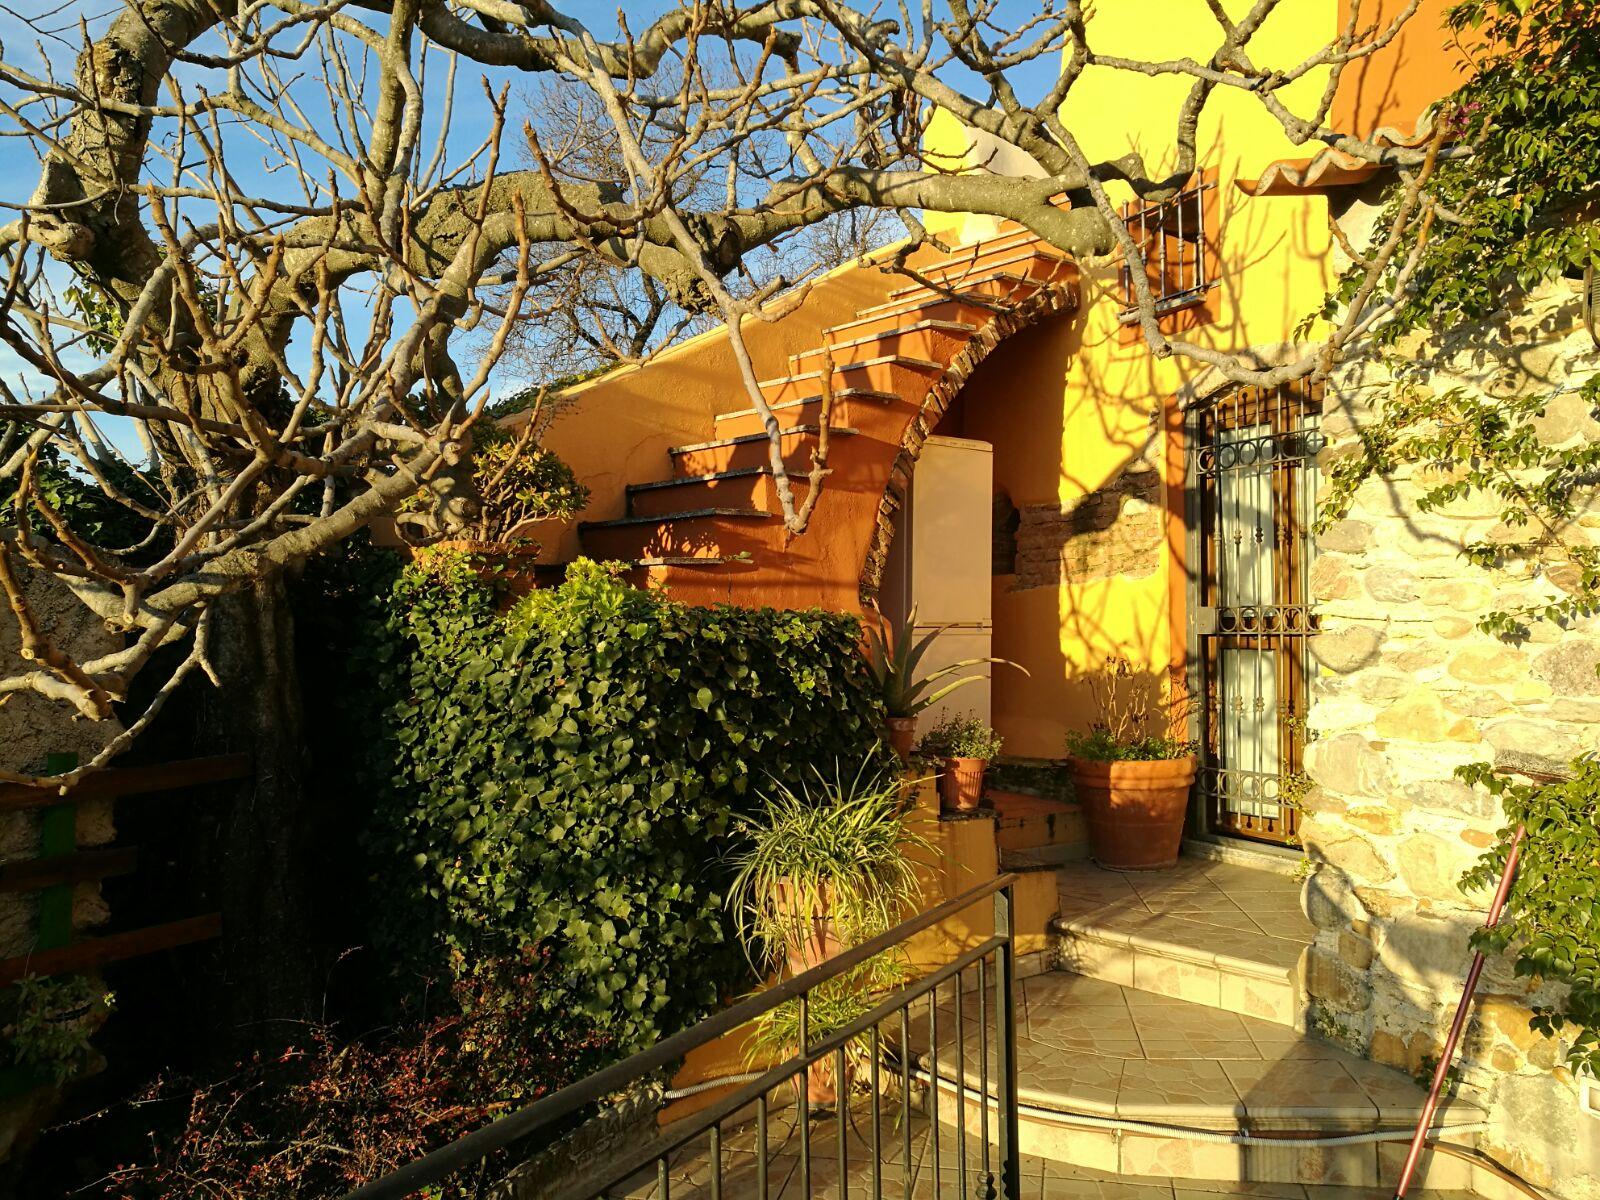 Rustico / Casale in vendita a Albenga, 5 locali, zona Zona: Bastia, prezzo € 270.000 | Cambio Casa.it